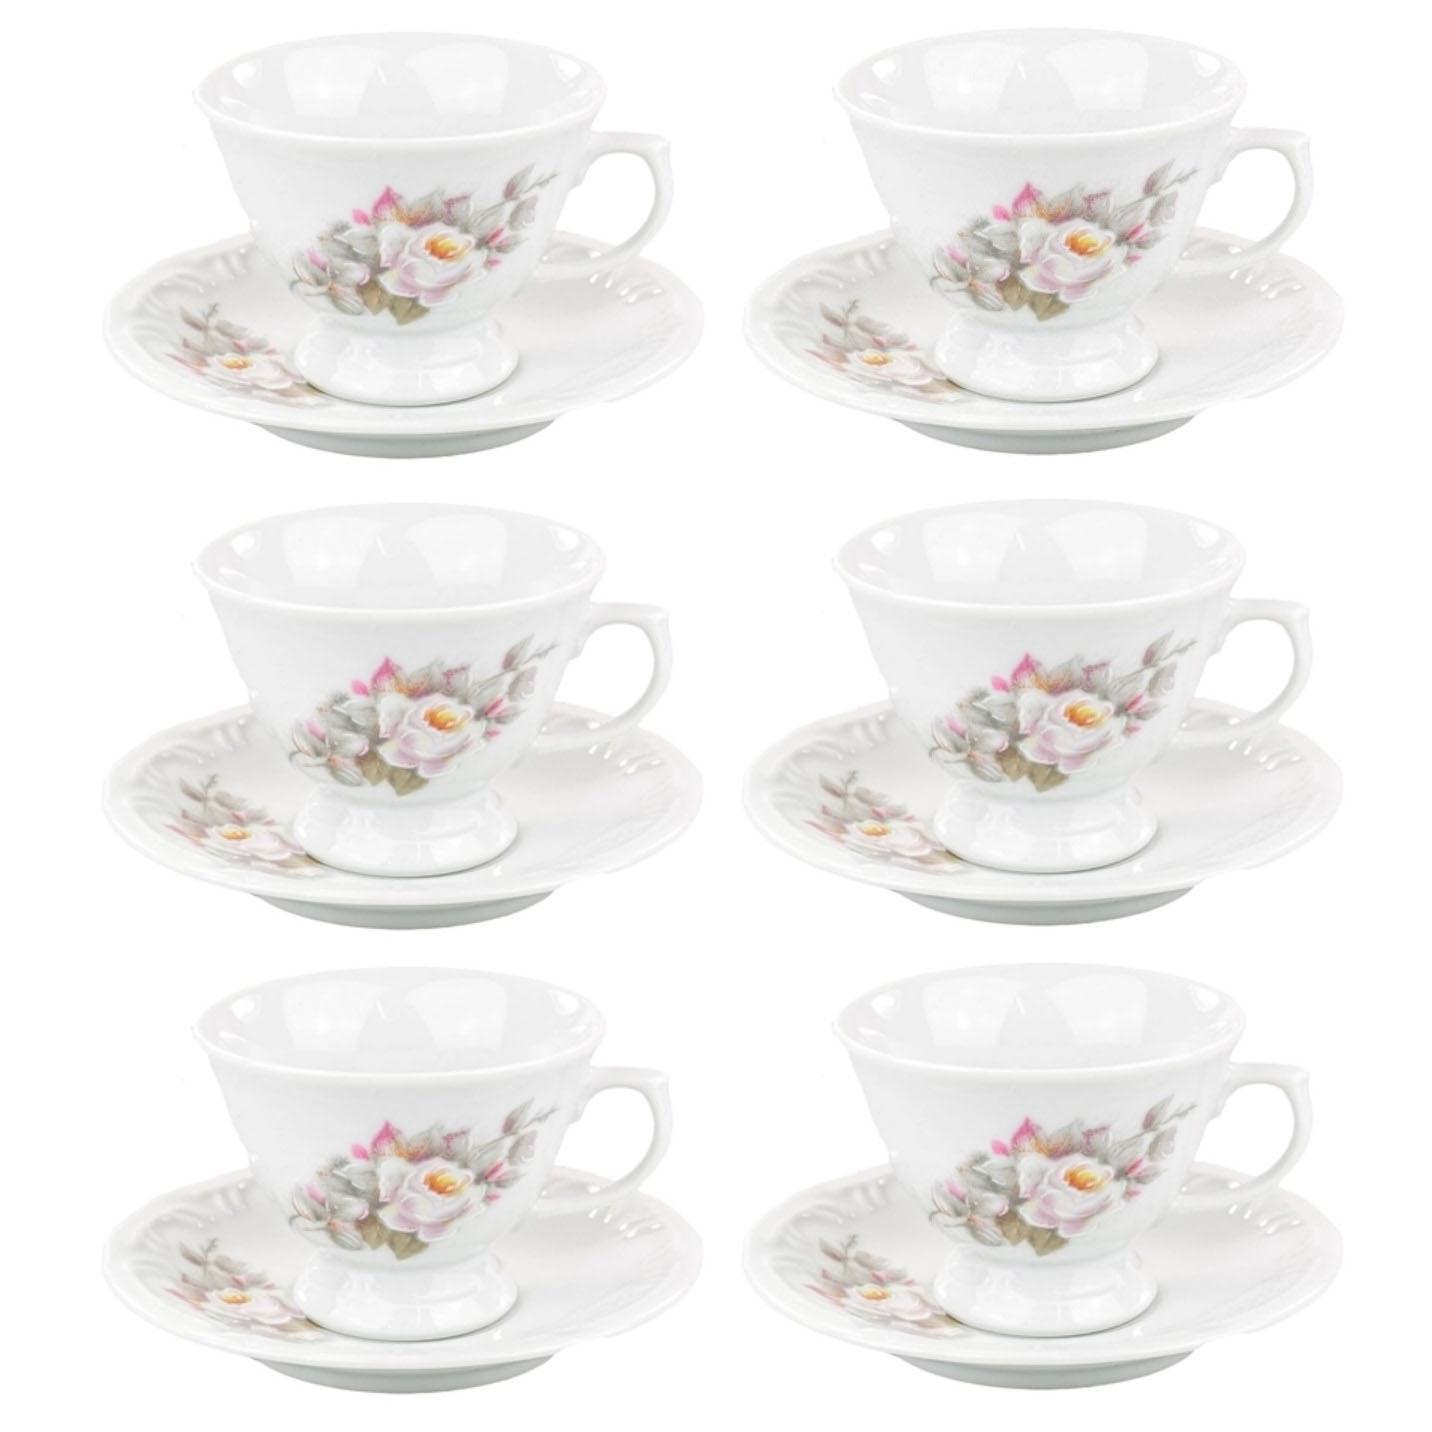 Conjunto 6 Xícaras de chá e pires Eterna Schimidt